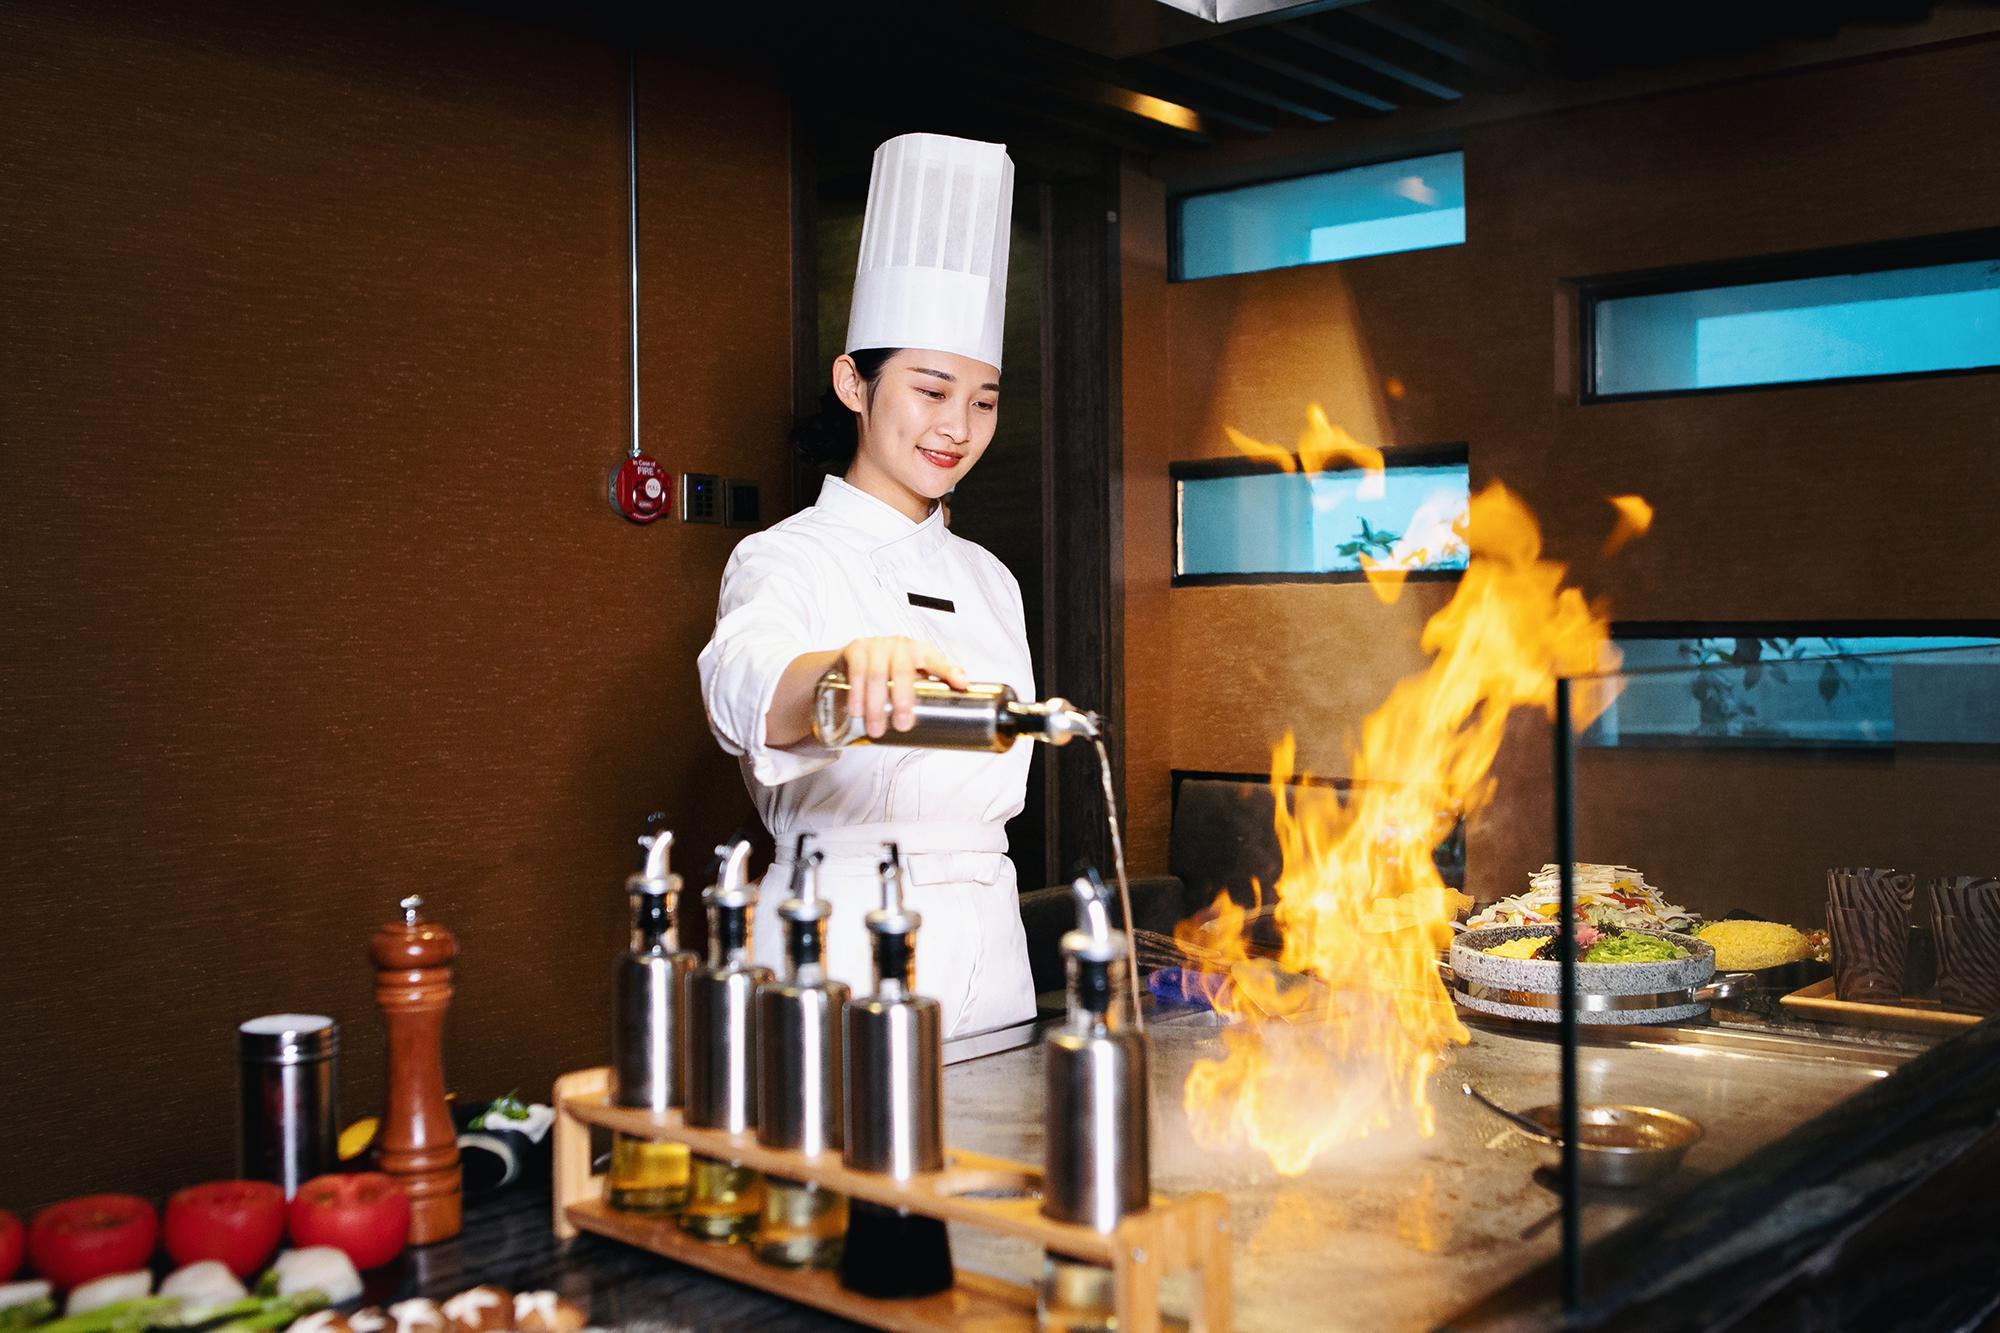 一个三亚颜值最美的美厨娘,打理着这家酒店的铁板烧,手艺极好